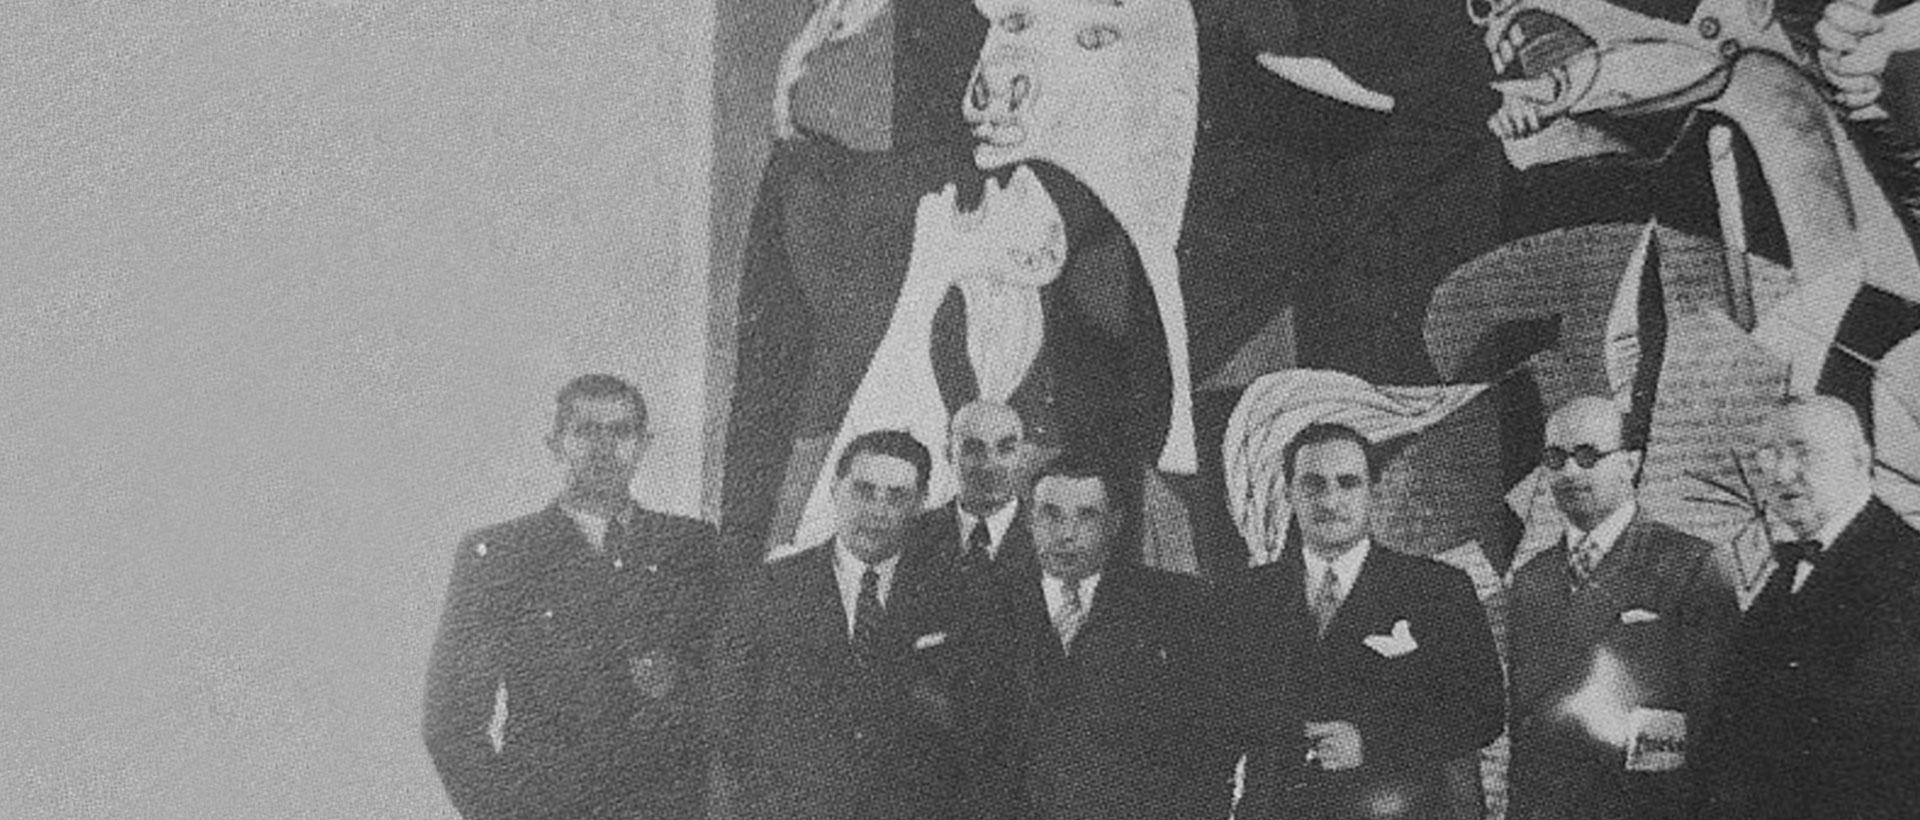 Jose antonio Agirre lehendakaria Pablo Picassoren Gernika koadroaren aurrean